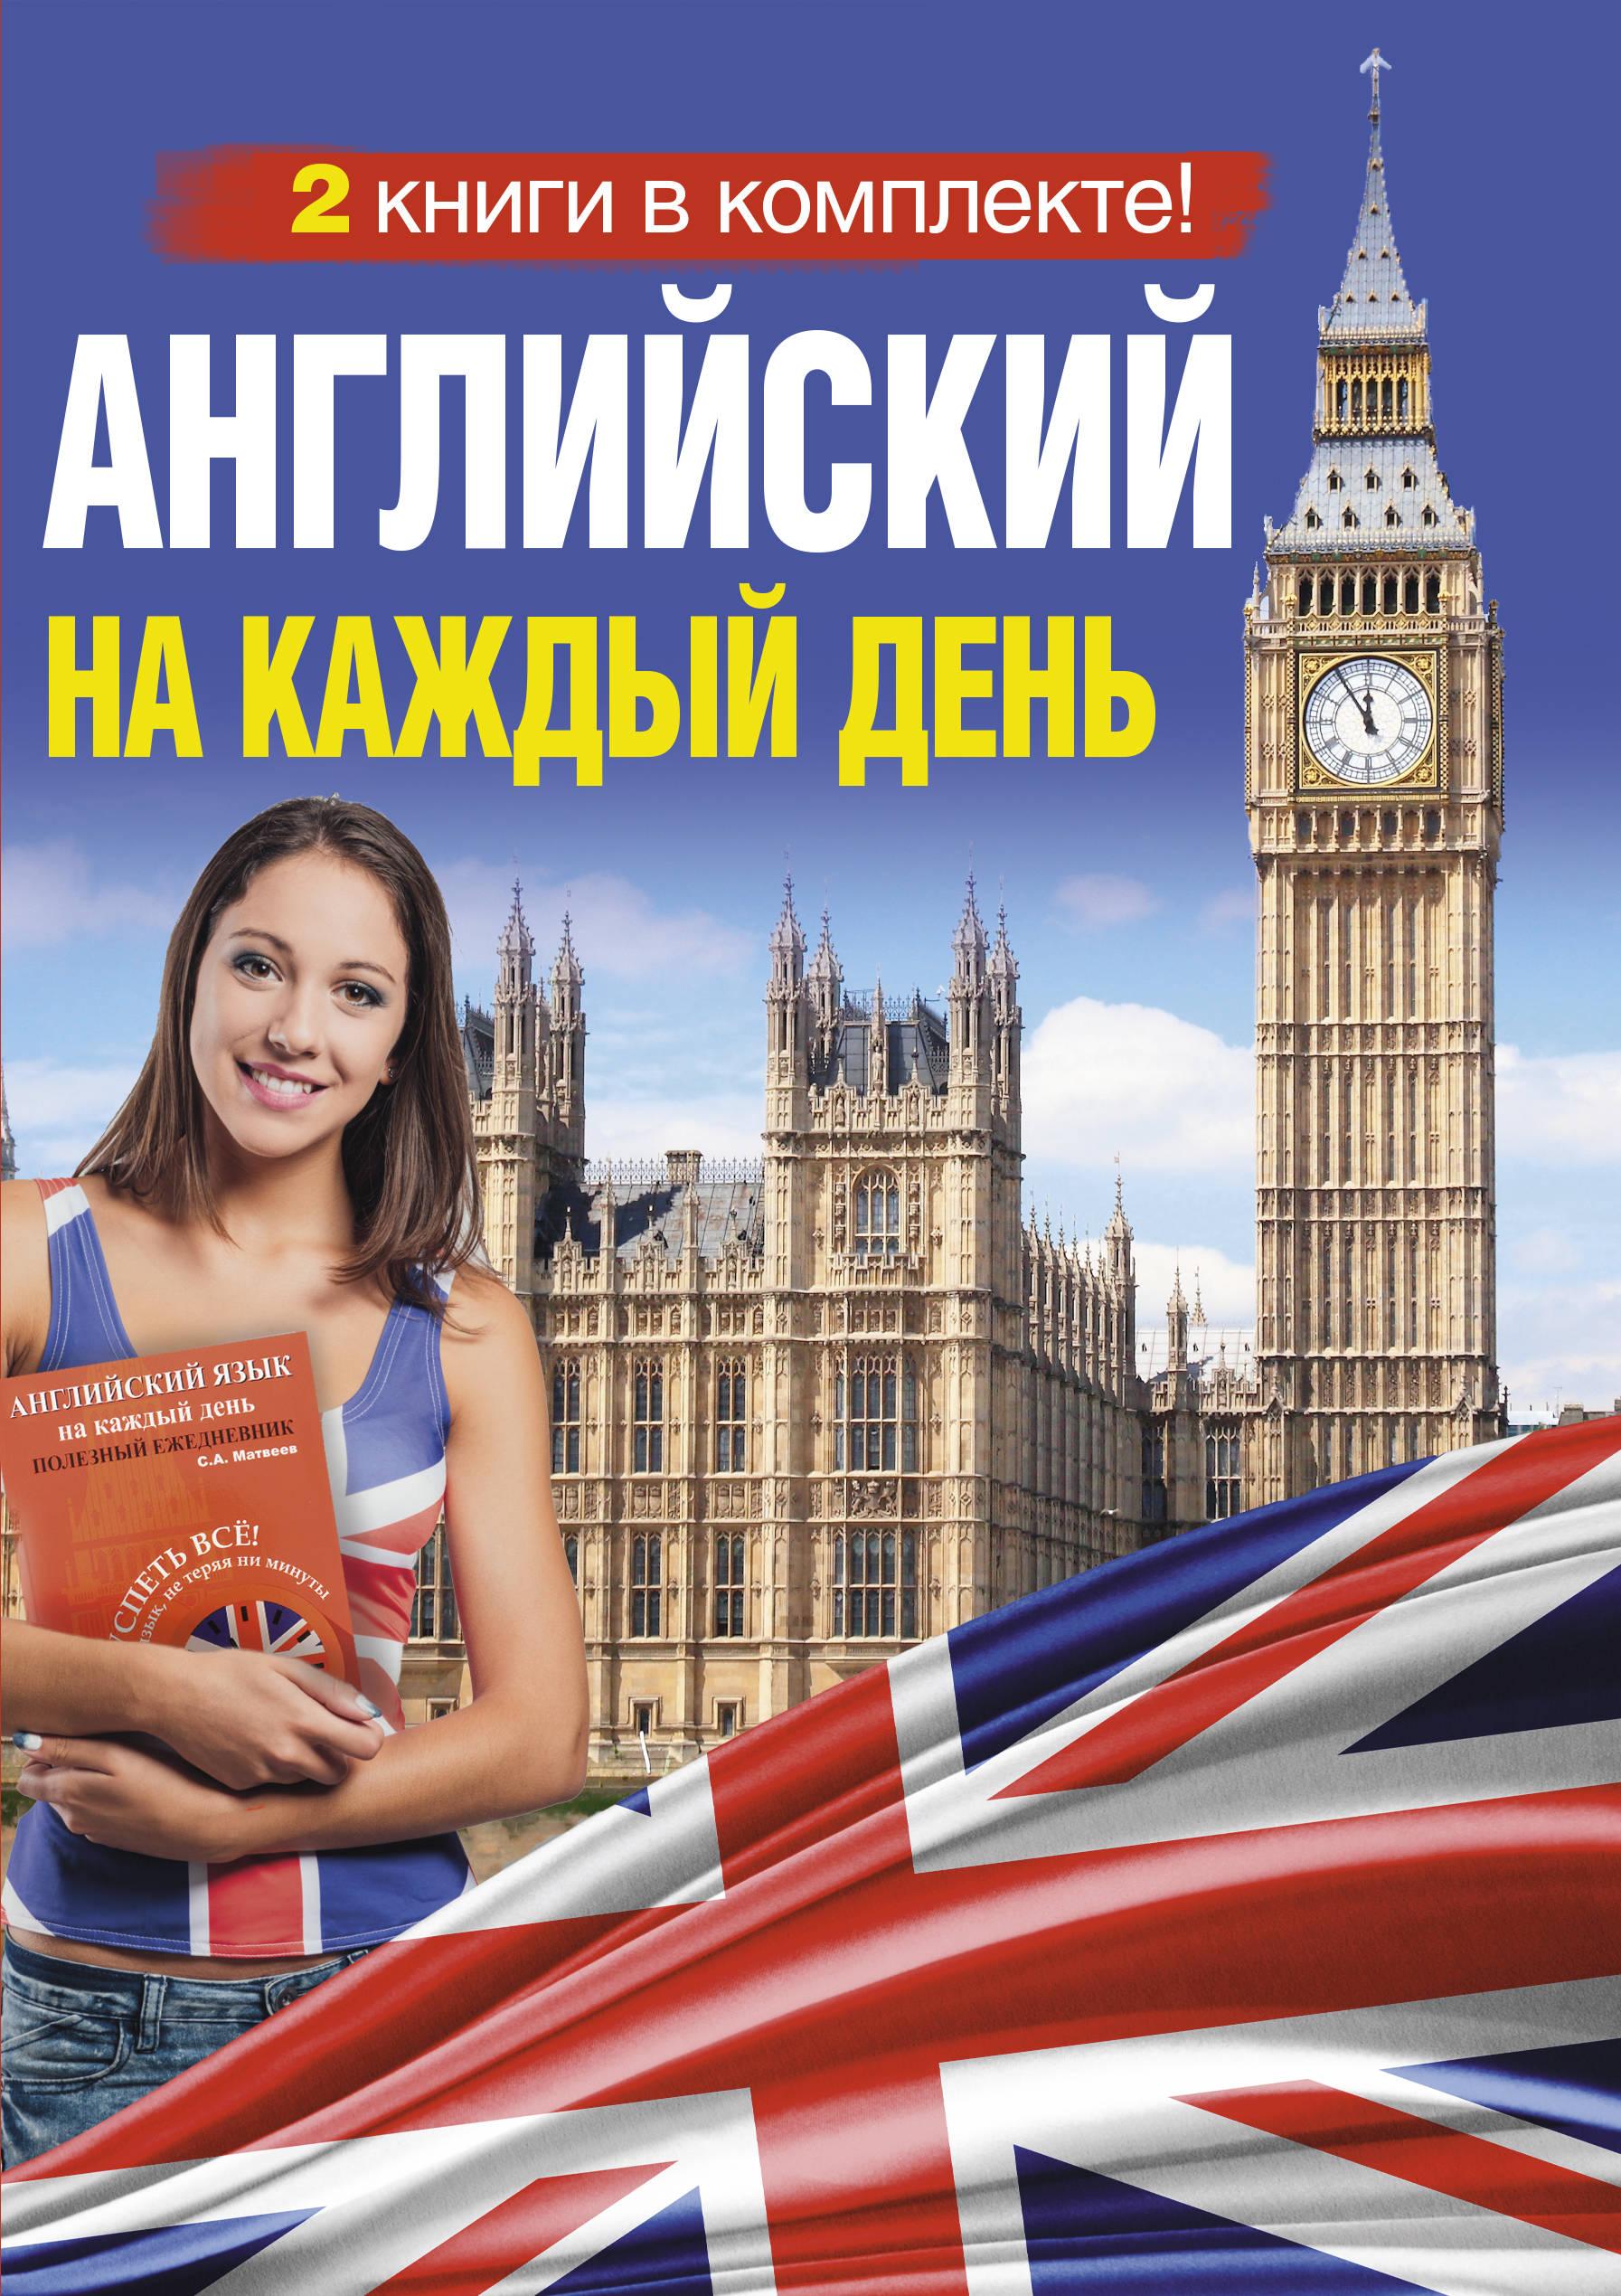 Помощь в изучении английского языка фото